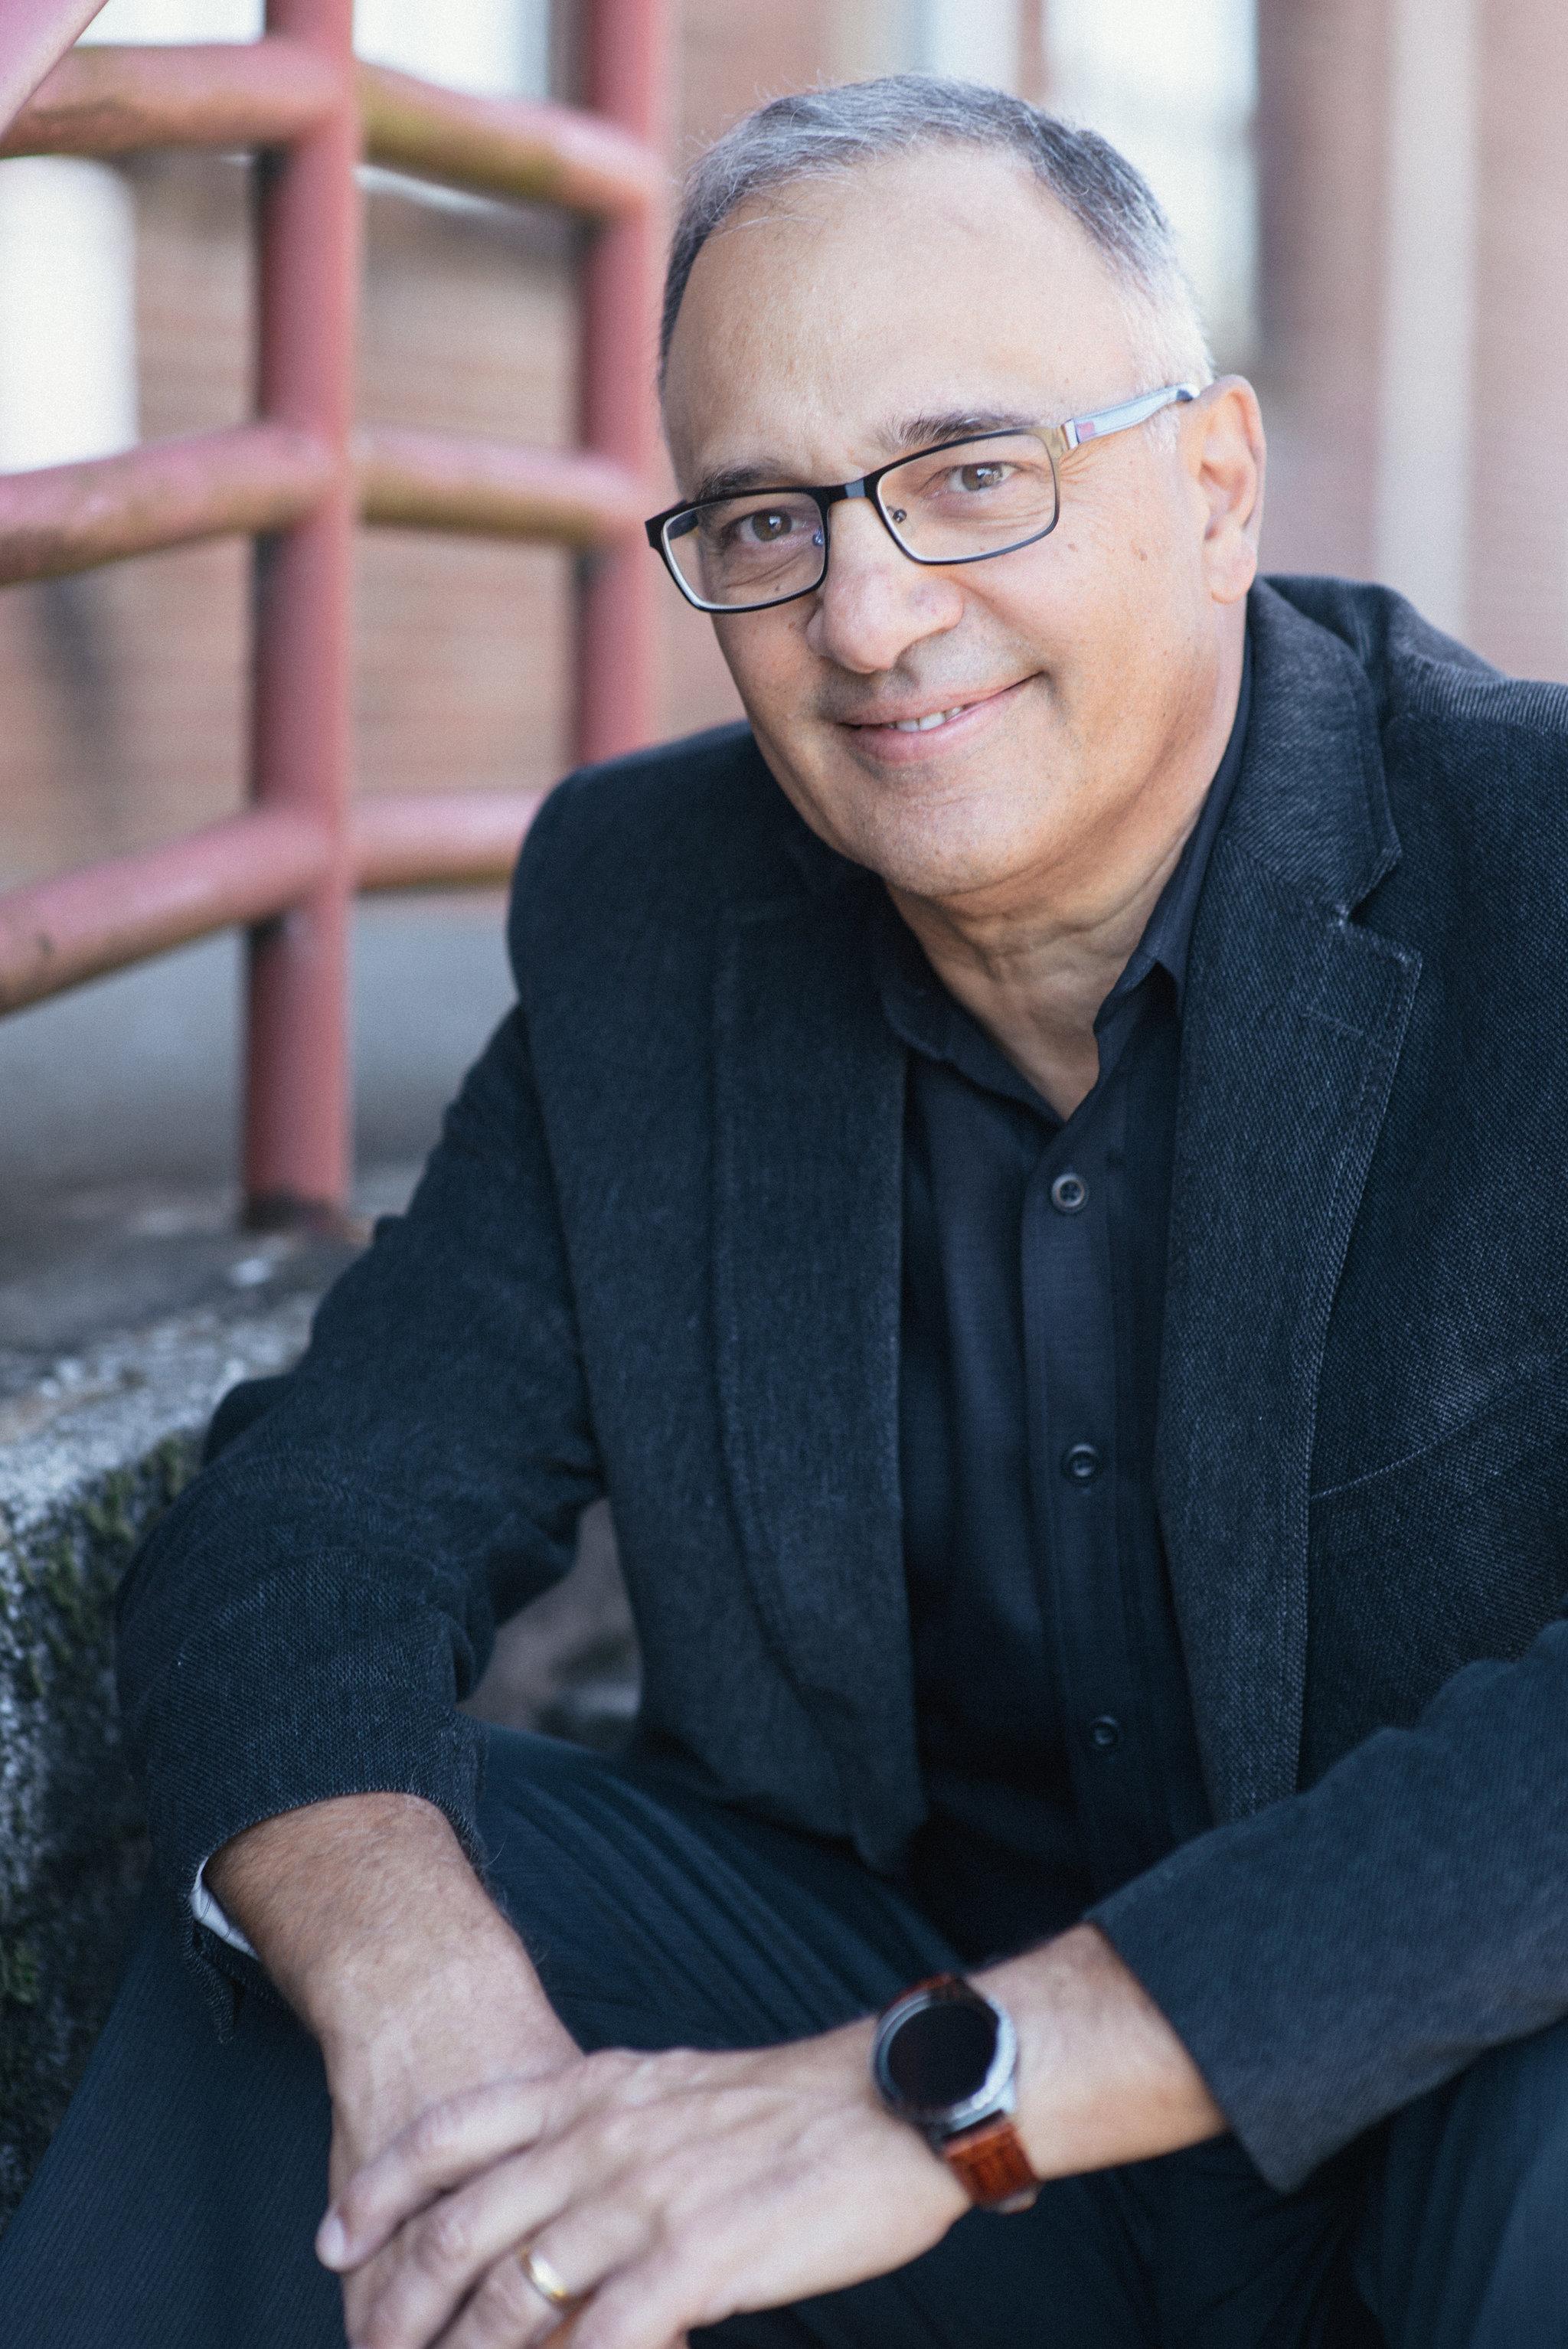 Mike Nastri